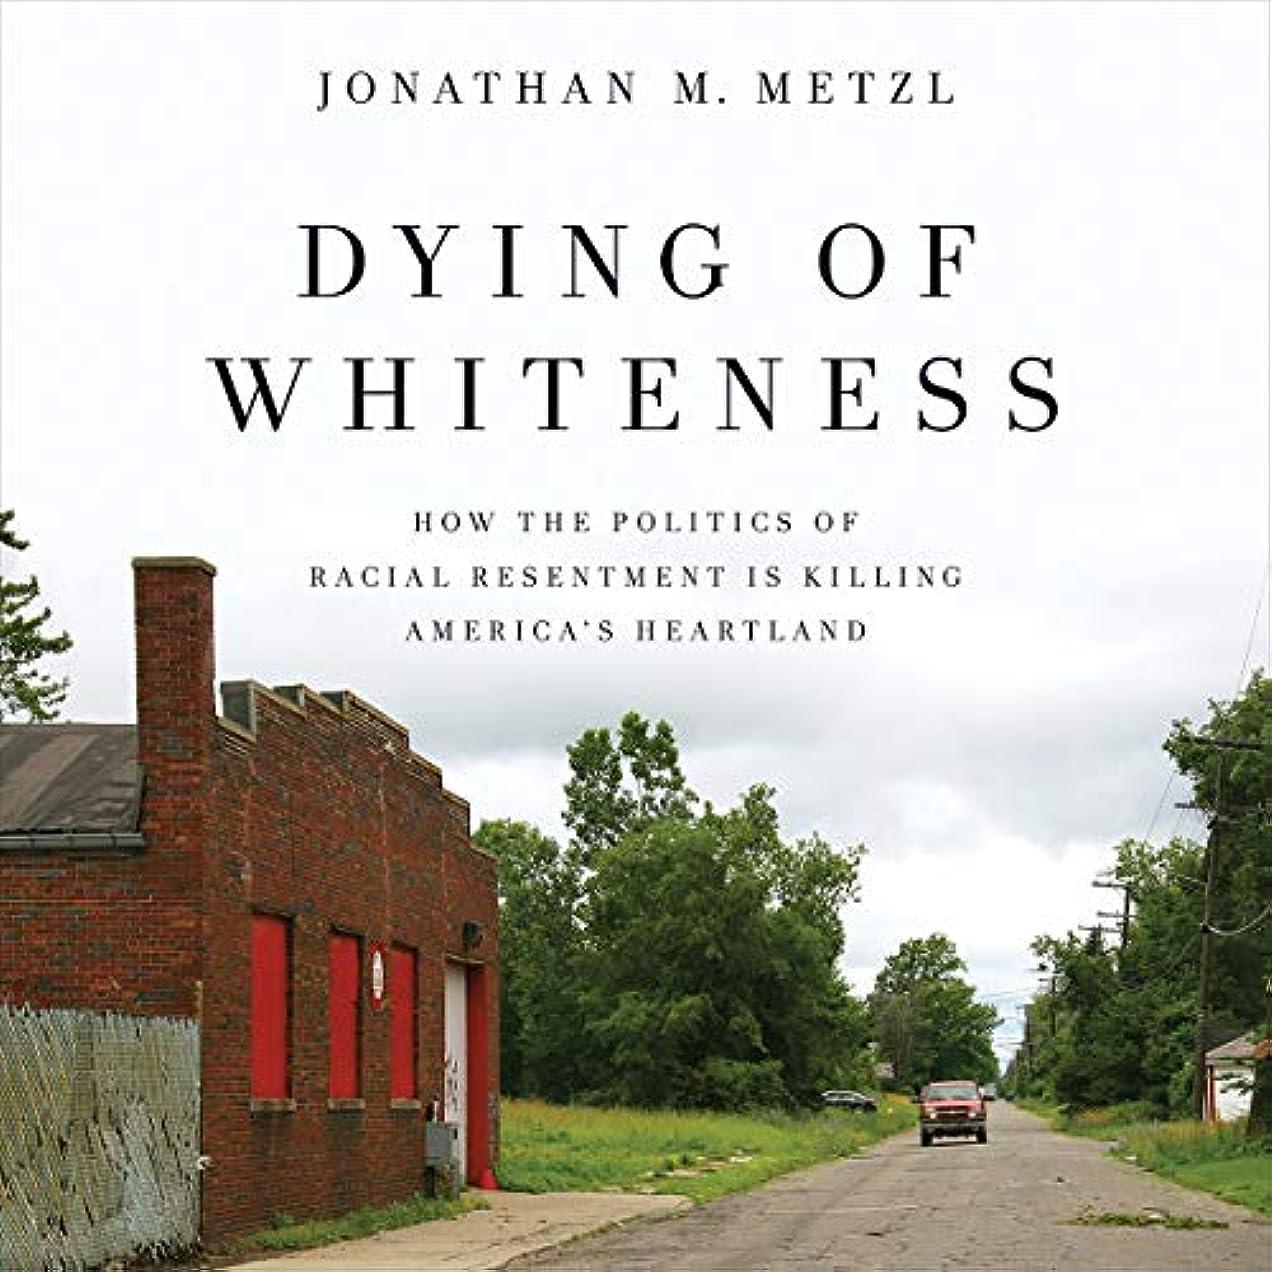 楽な喜び百科事典Dying of Whiteness: How the Politics of Racial Resentment Is Killing America's Heartland